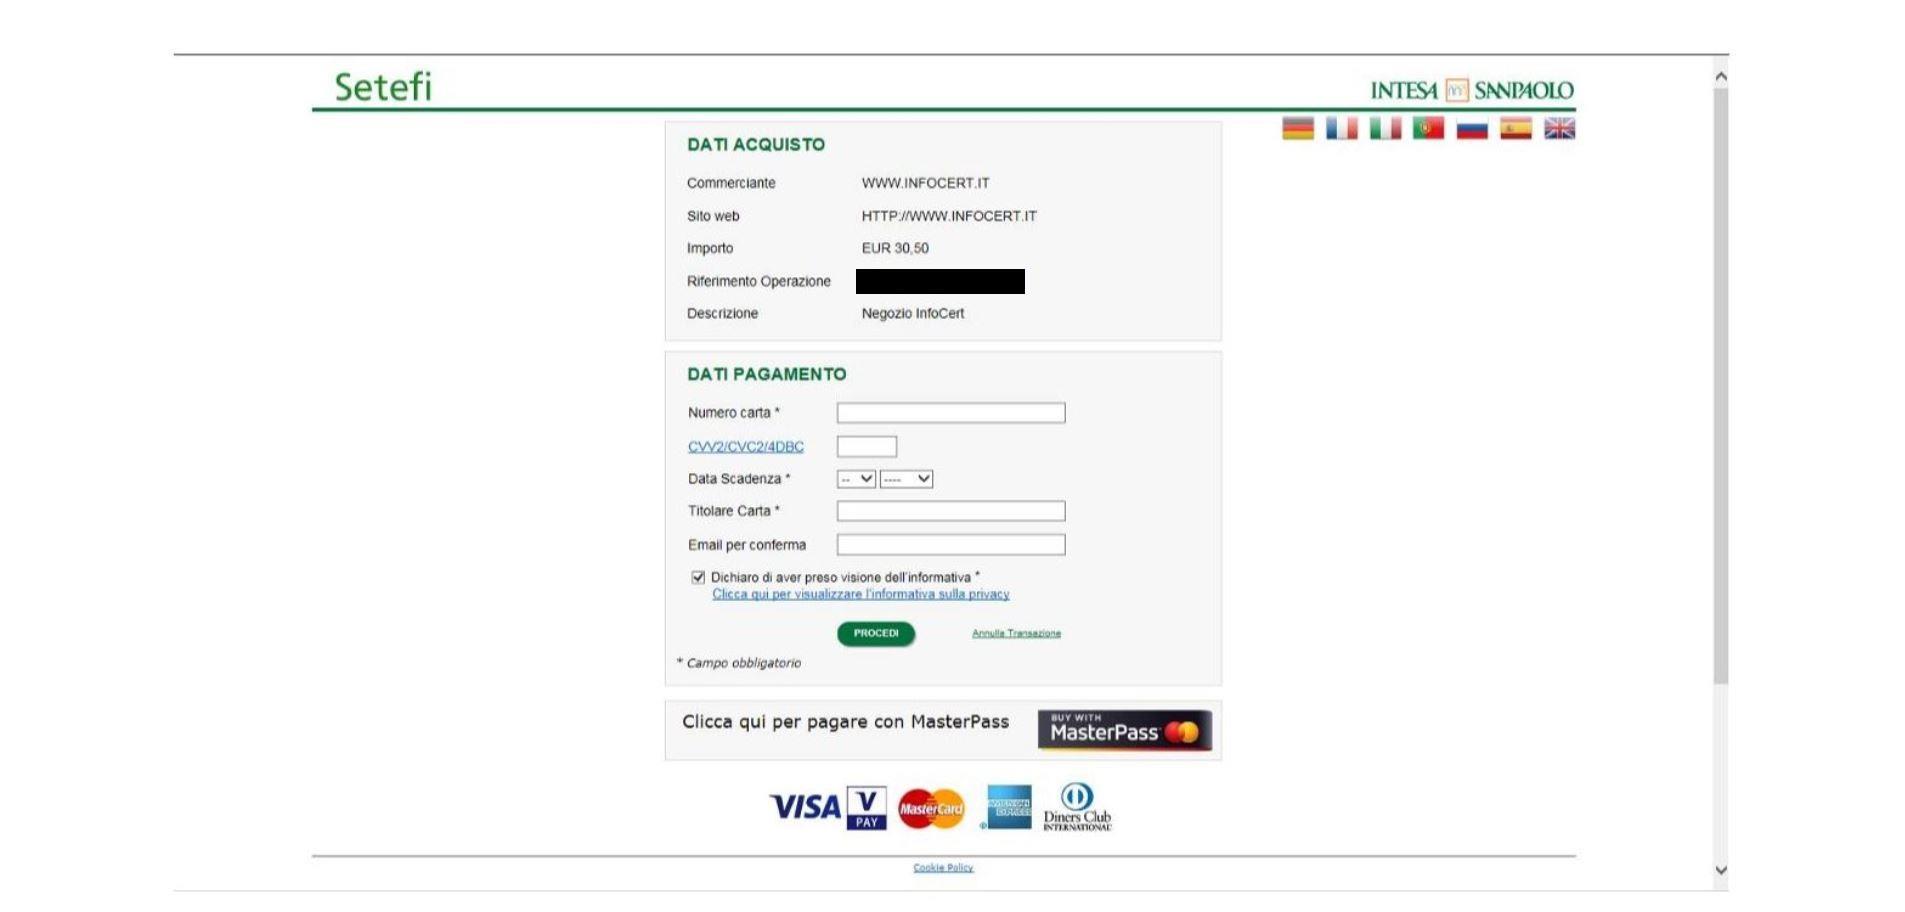 Pagamento Carta di credito 2